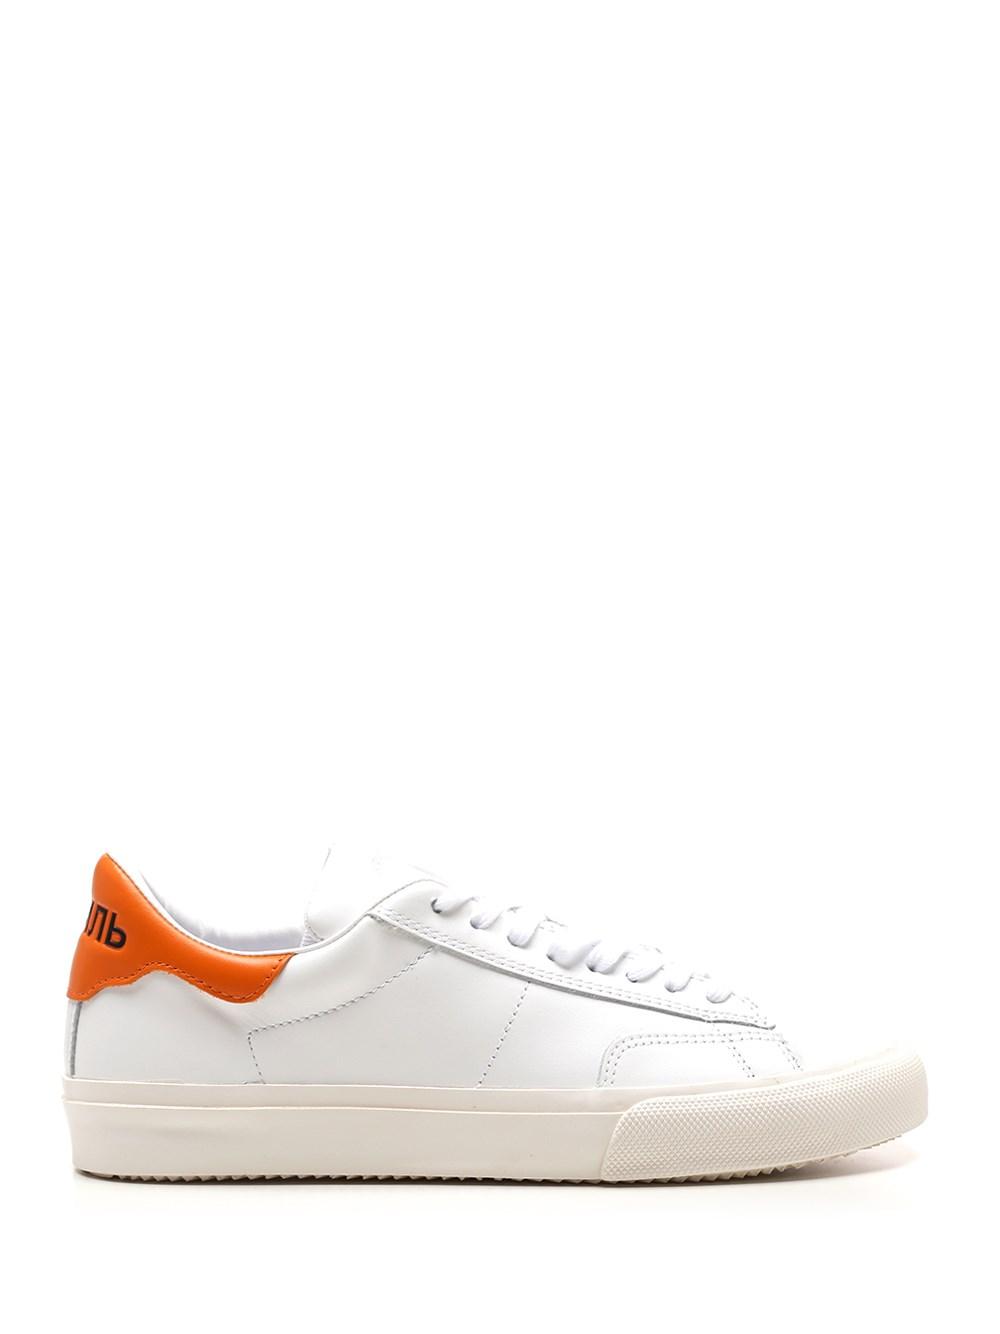 HERON PRESTON White Sneaker With Orange Detail